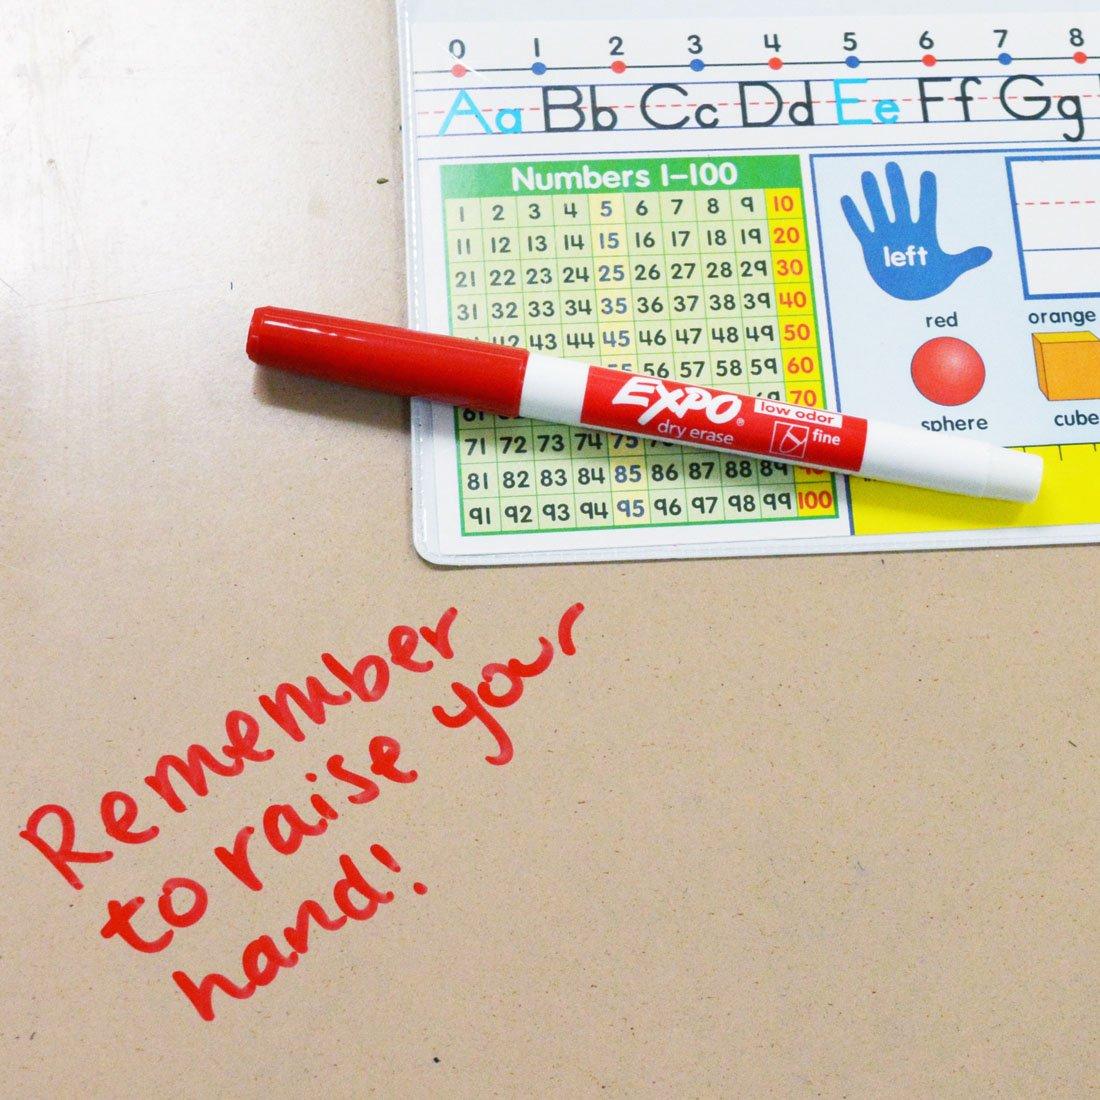 reminder-written-on-desk-from-teacher-in-red-fine-expo.jpg